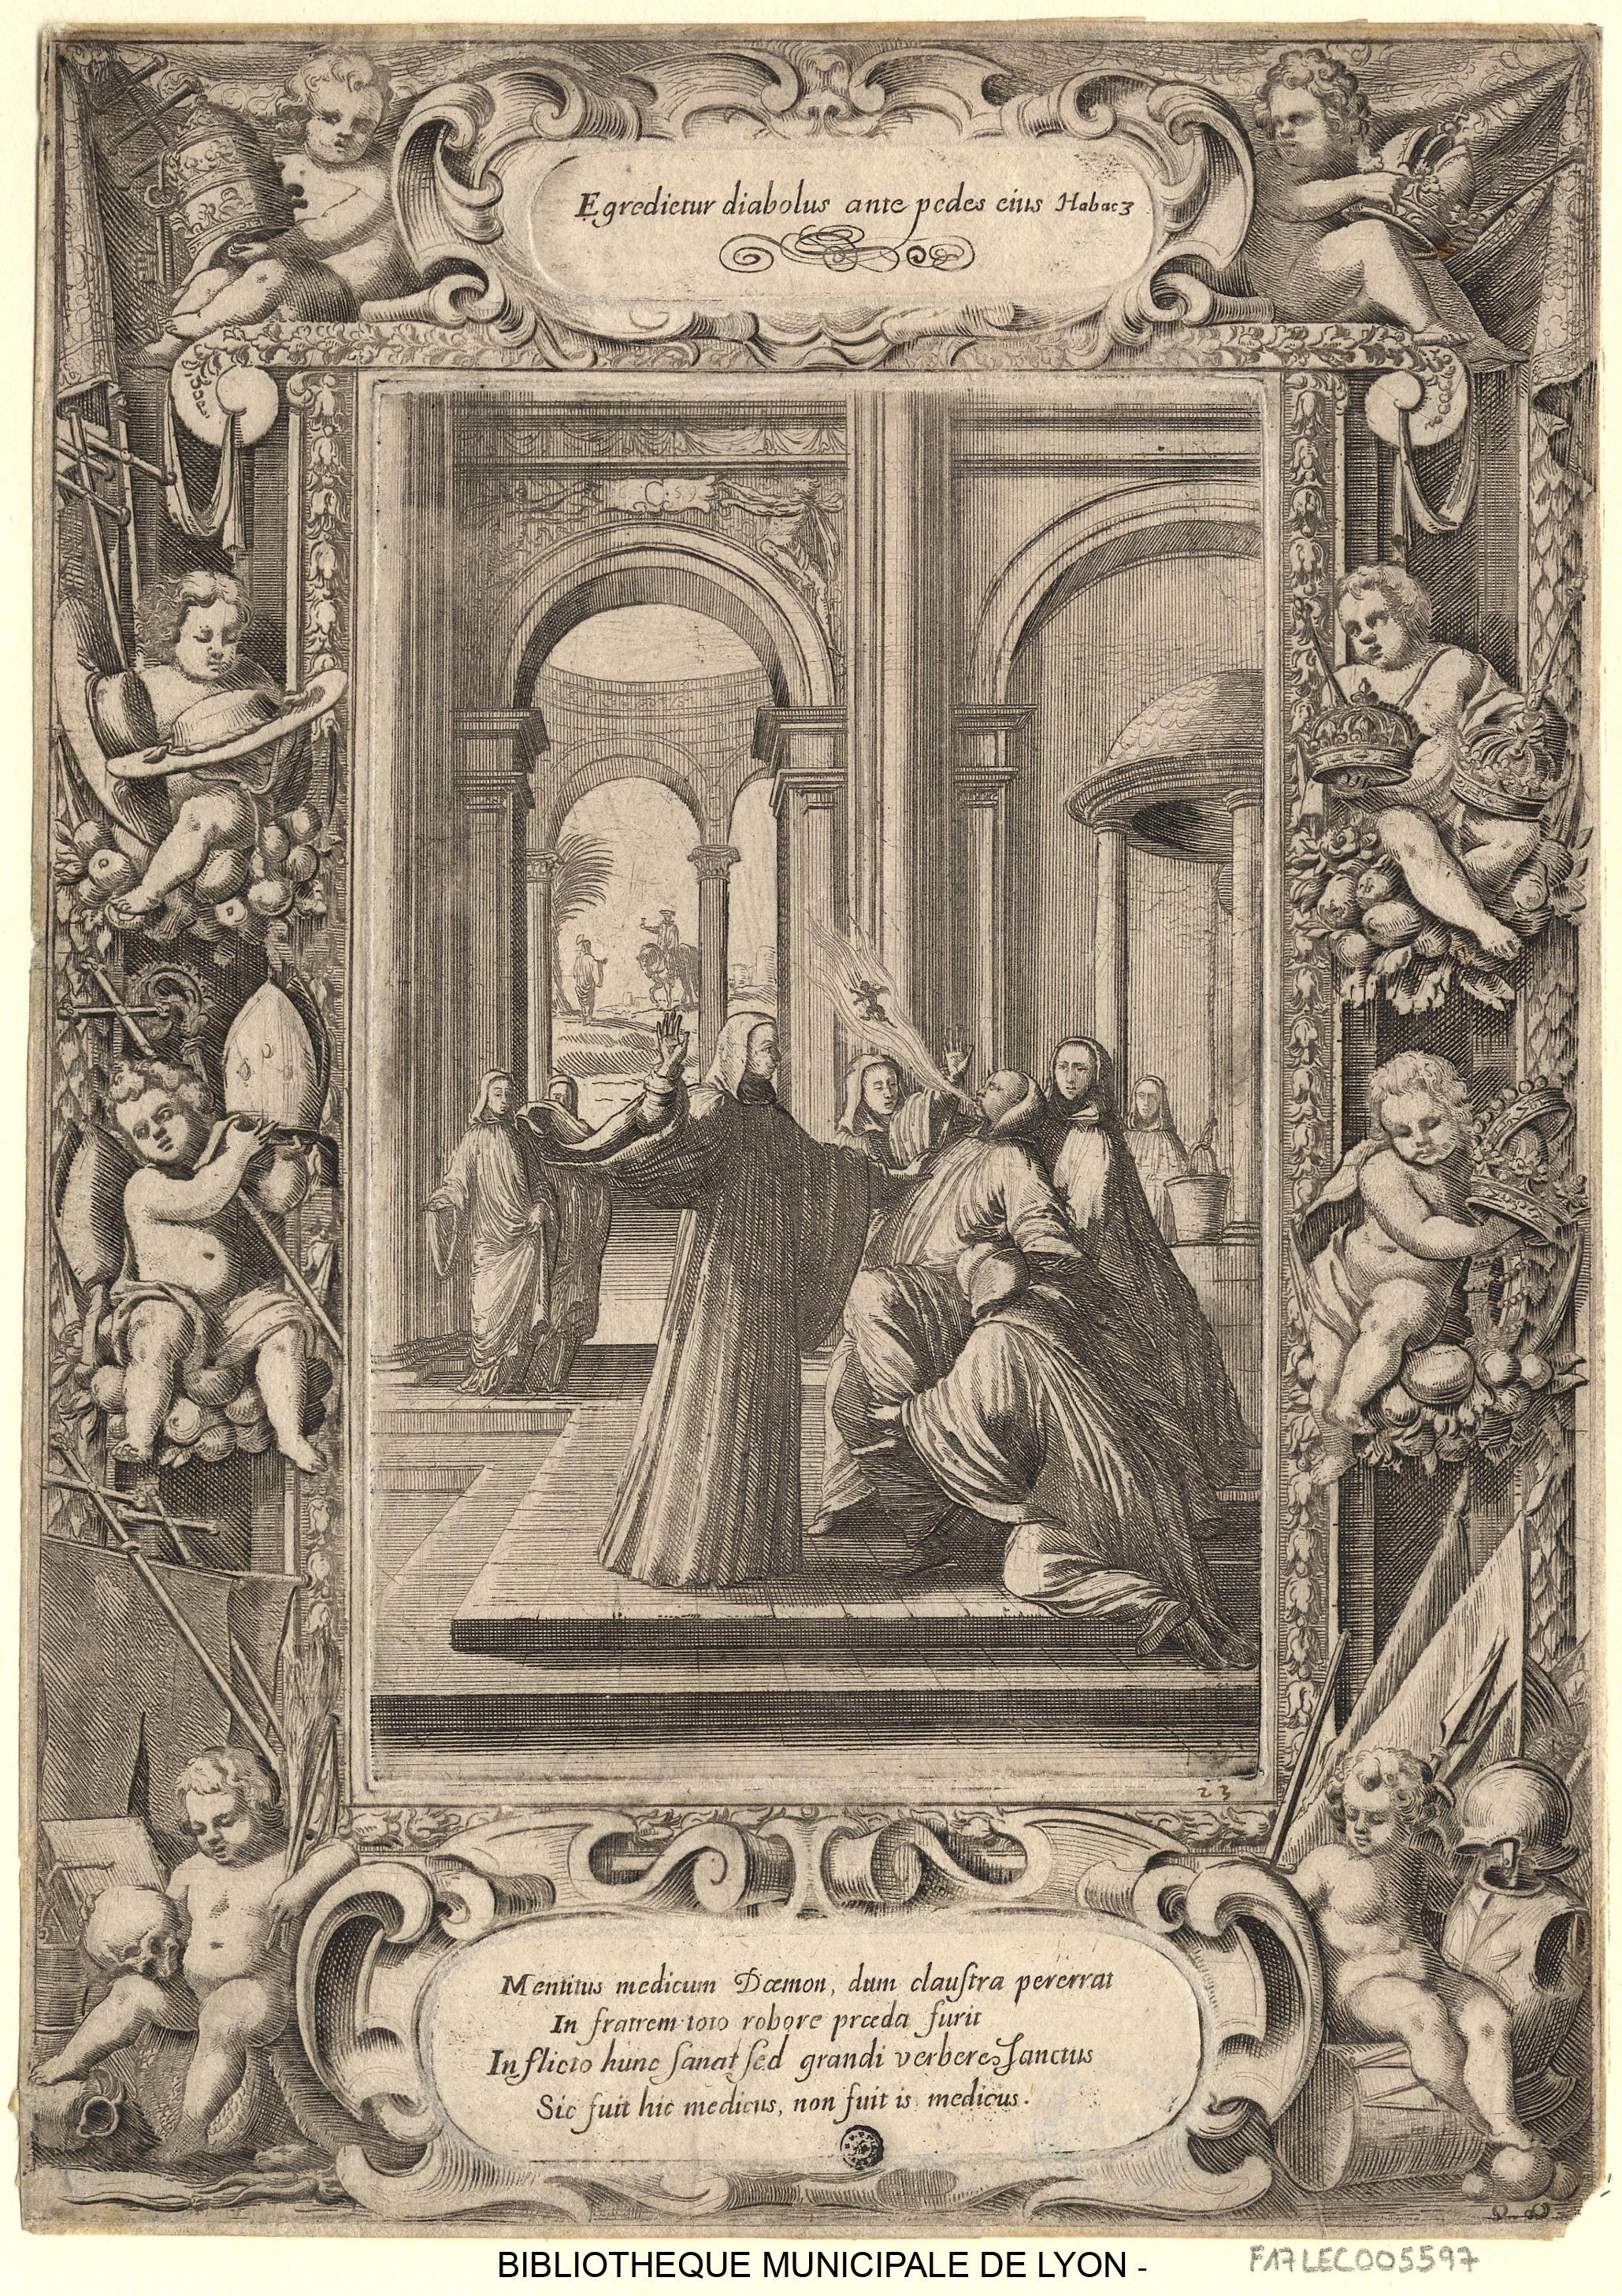 03. Sébastien Leclerc. São Bento cura com uma bofetada um religioso possuído pelo demónio, 1637-1714